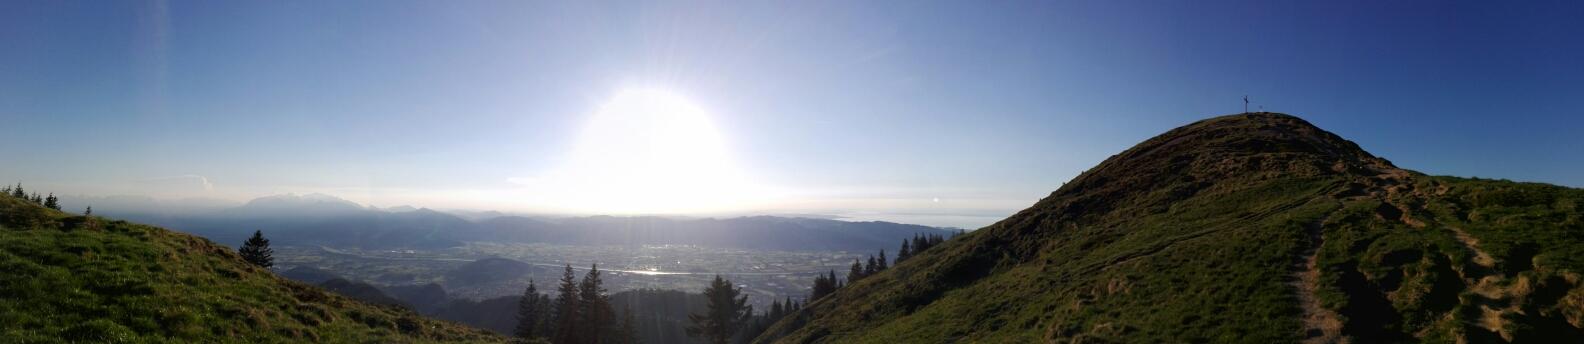 Gipfelsturm in der feinen Abendsonne